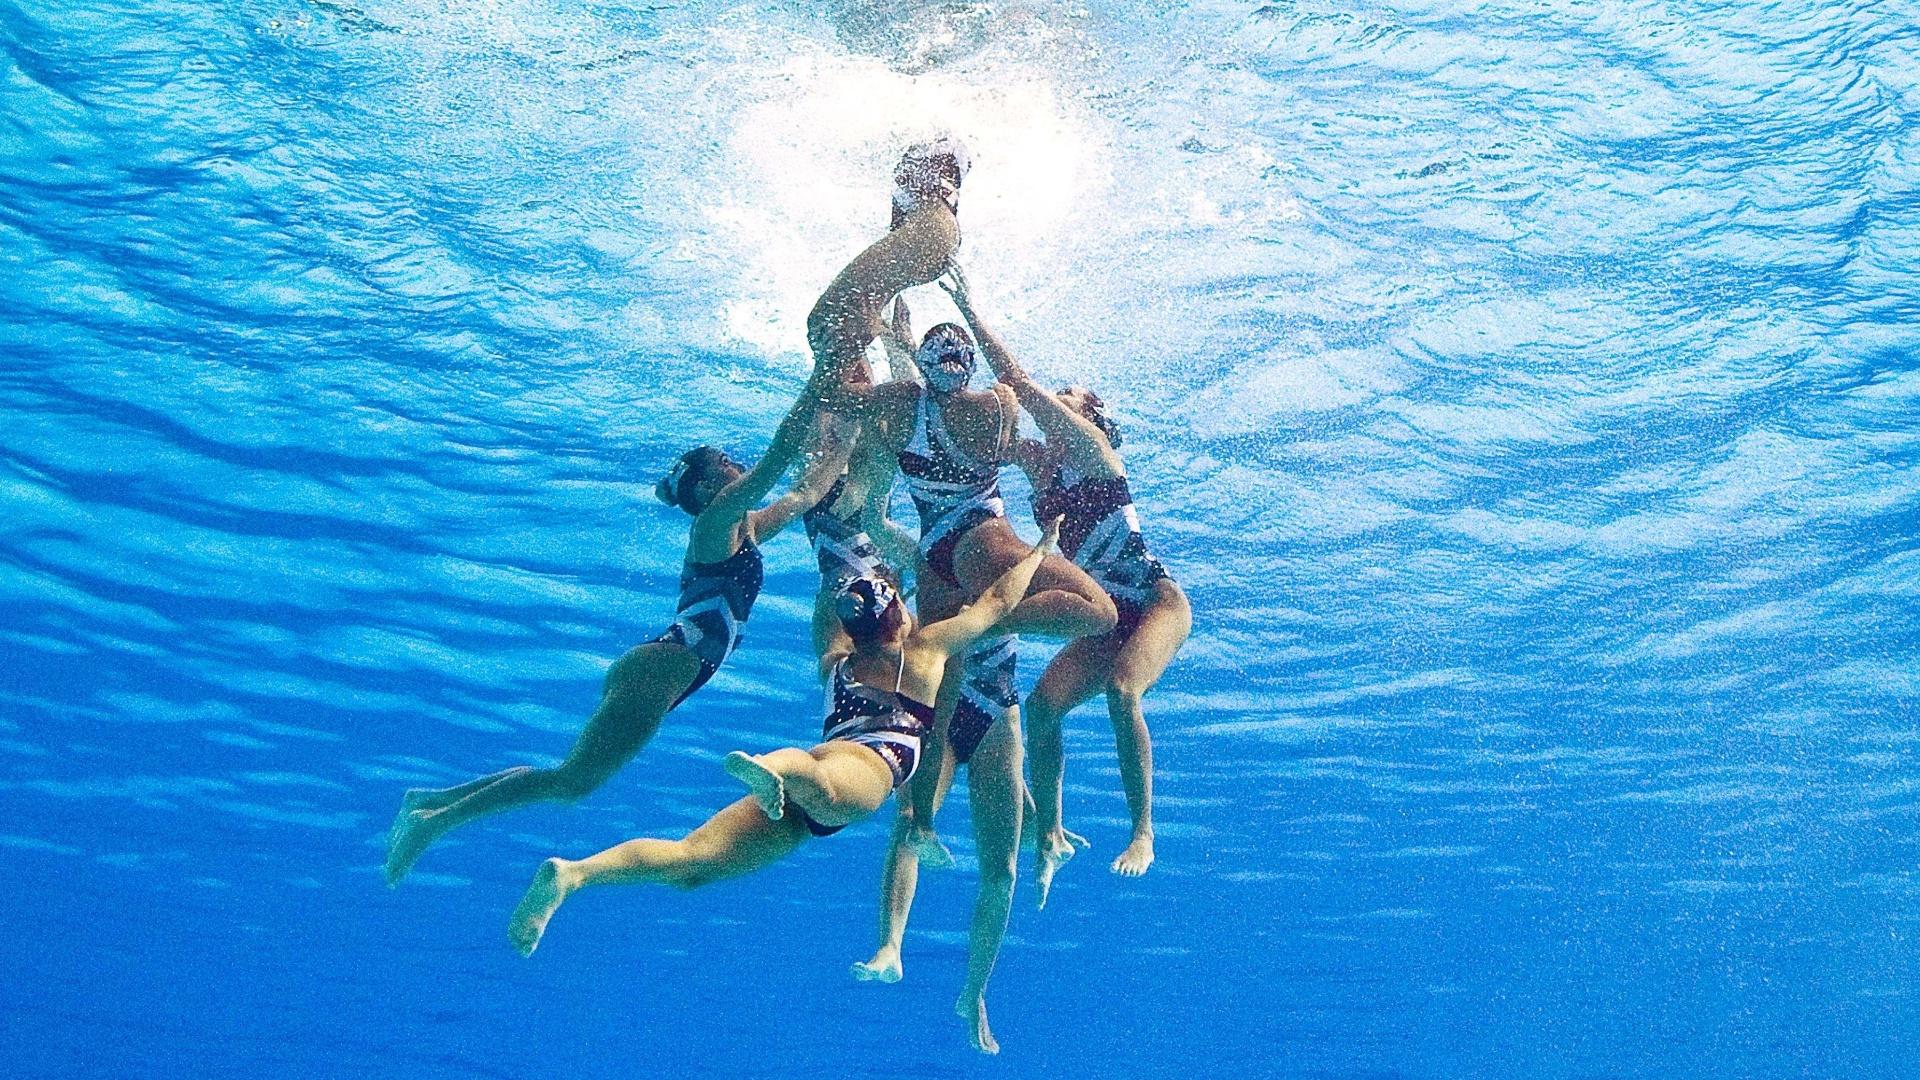 A equipe do nado sincronizado totalizou 176,428 pontos e levou a medalha de bronze (21/10/2011)